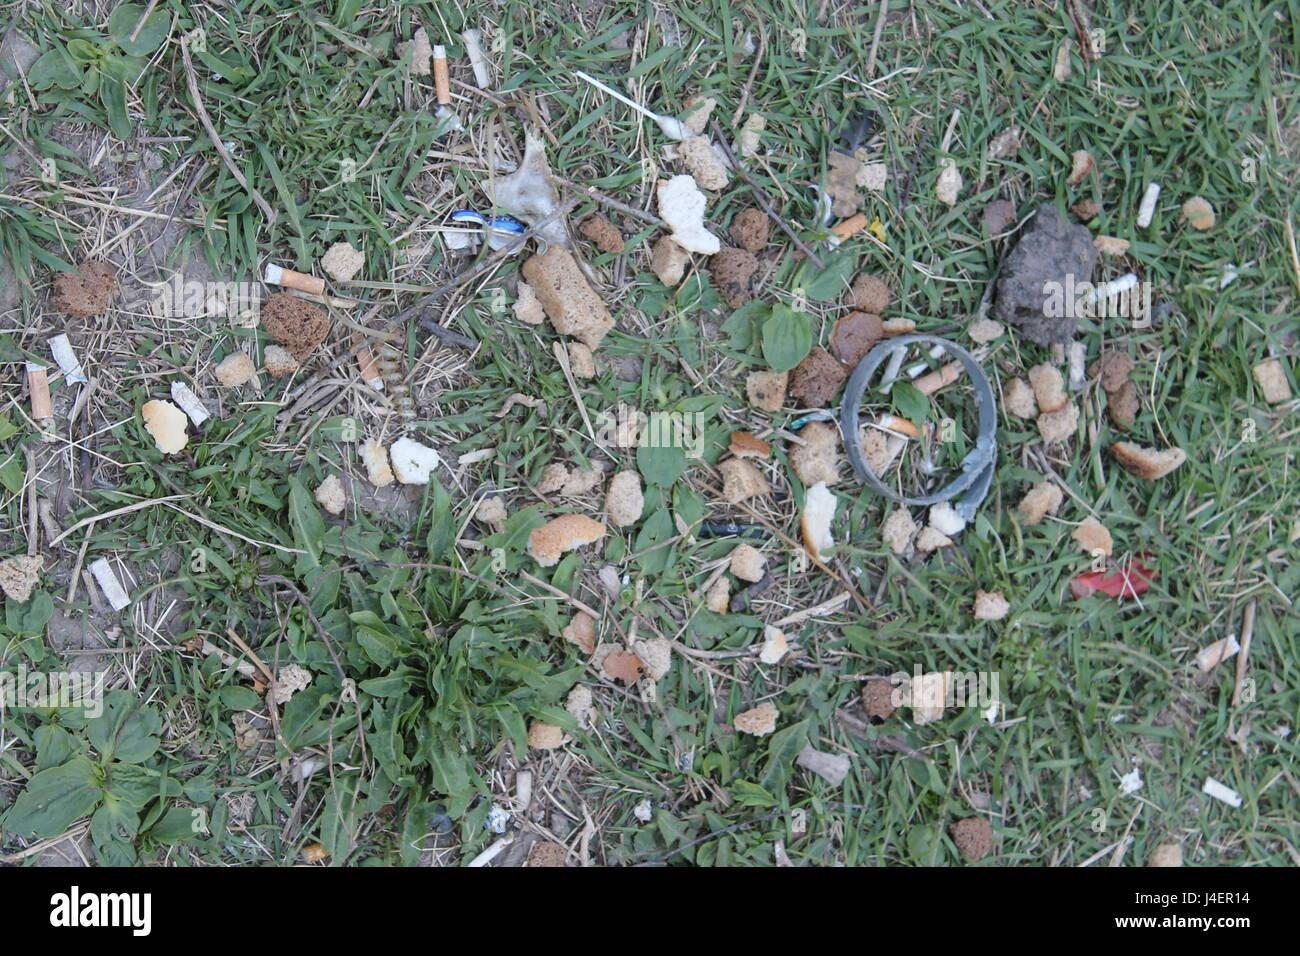 Endless waste trash garbage dumping ground grass - Stock Image